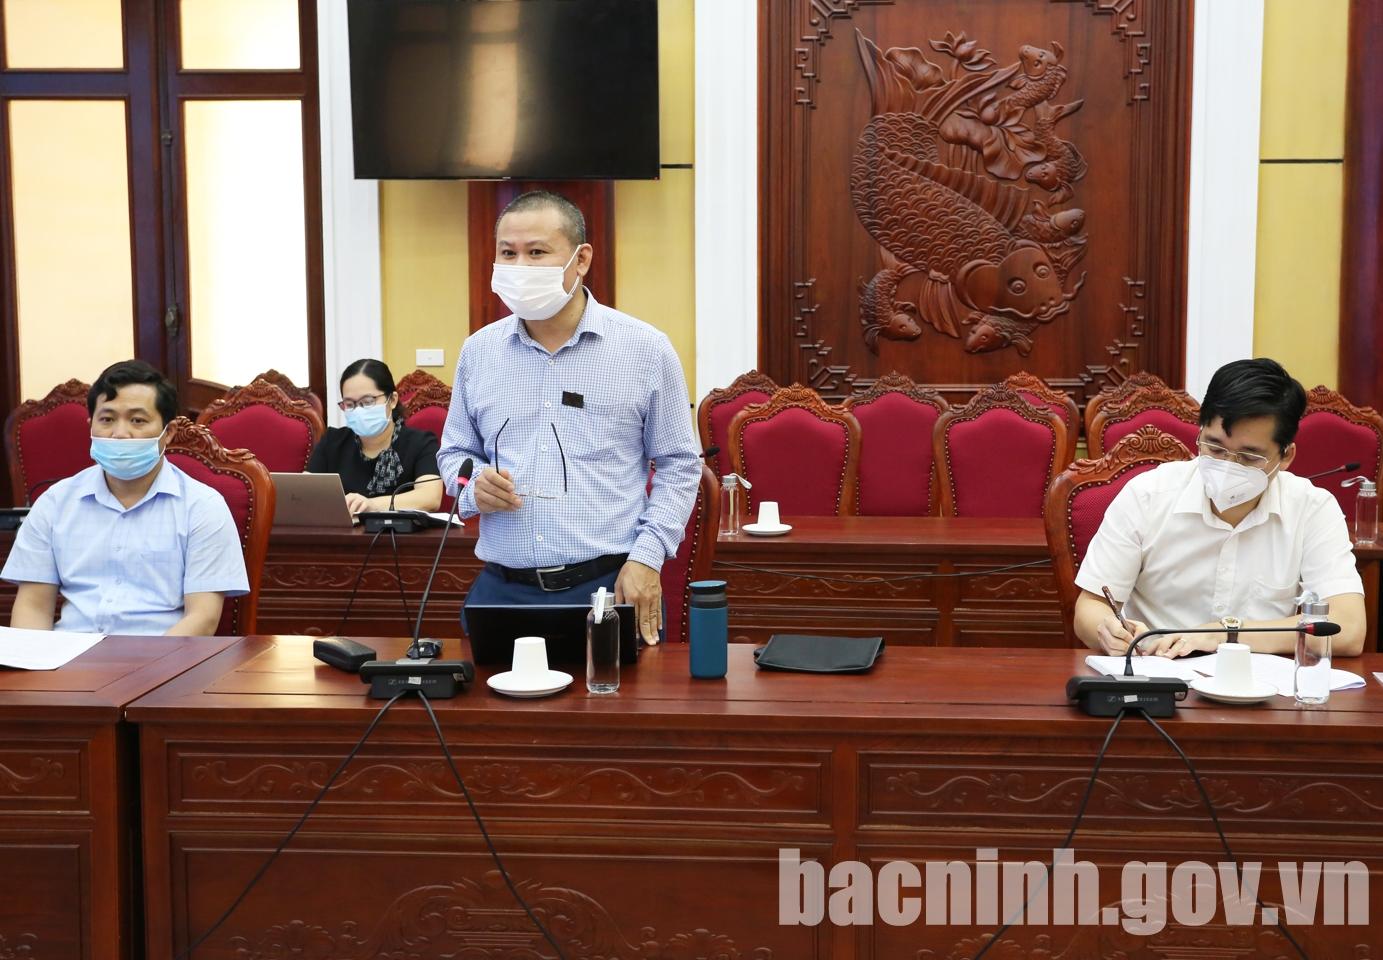 Bắc Ninh: Chuẩn bị khởi công thêm 2 khu công nghiệp VSIP II và Thuận Thành I - Ảnh 2.